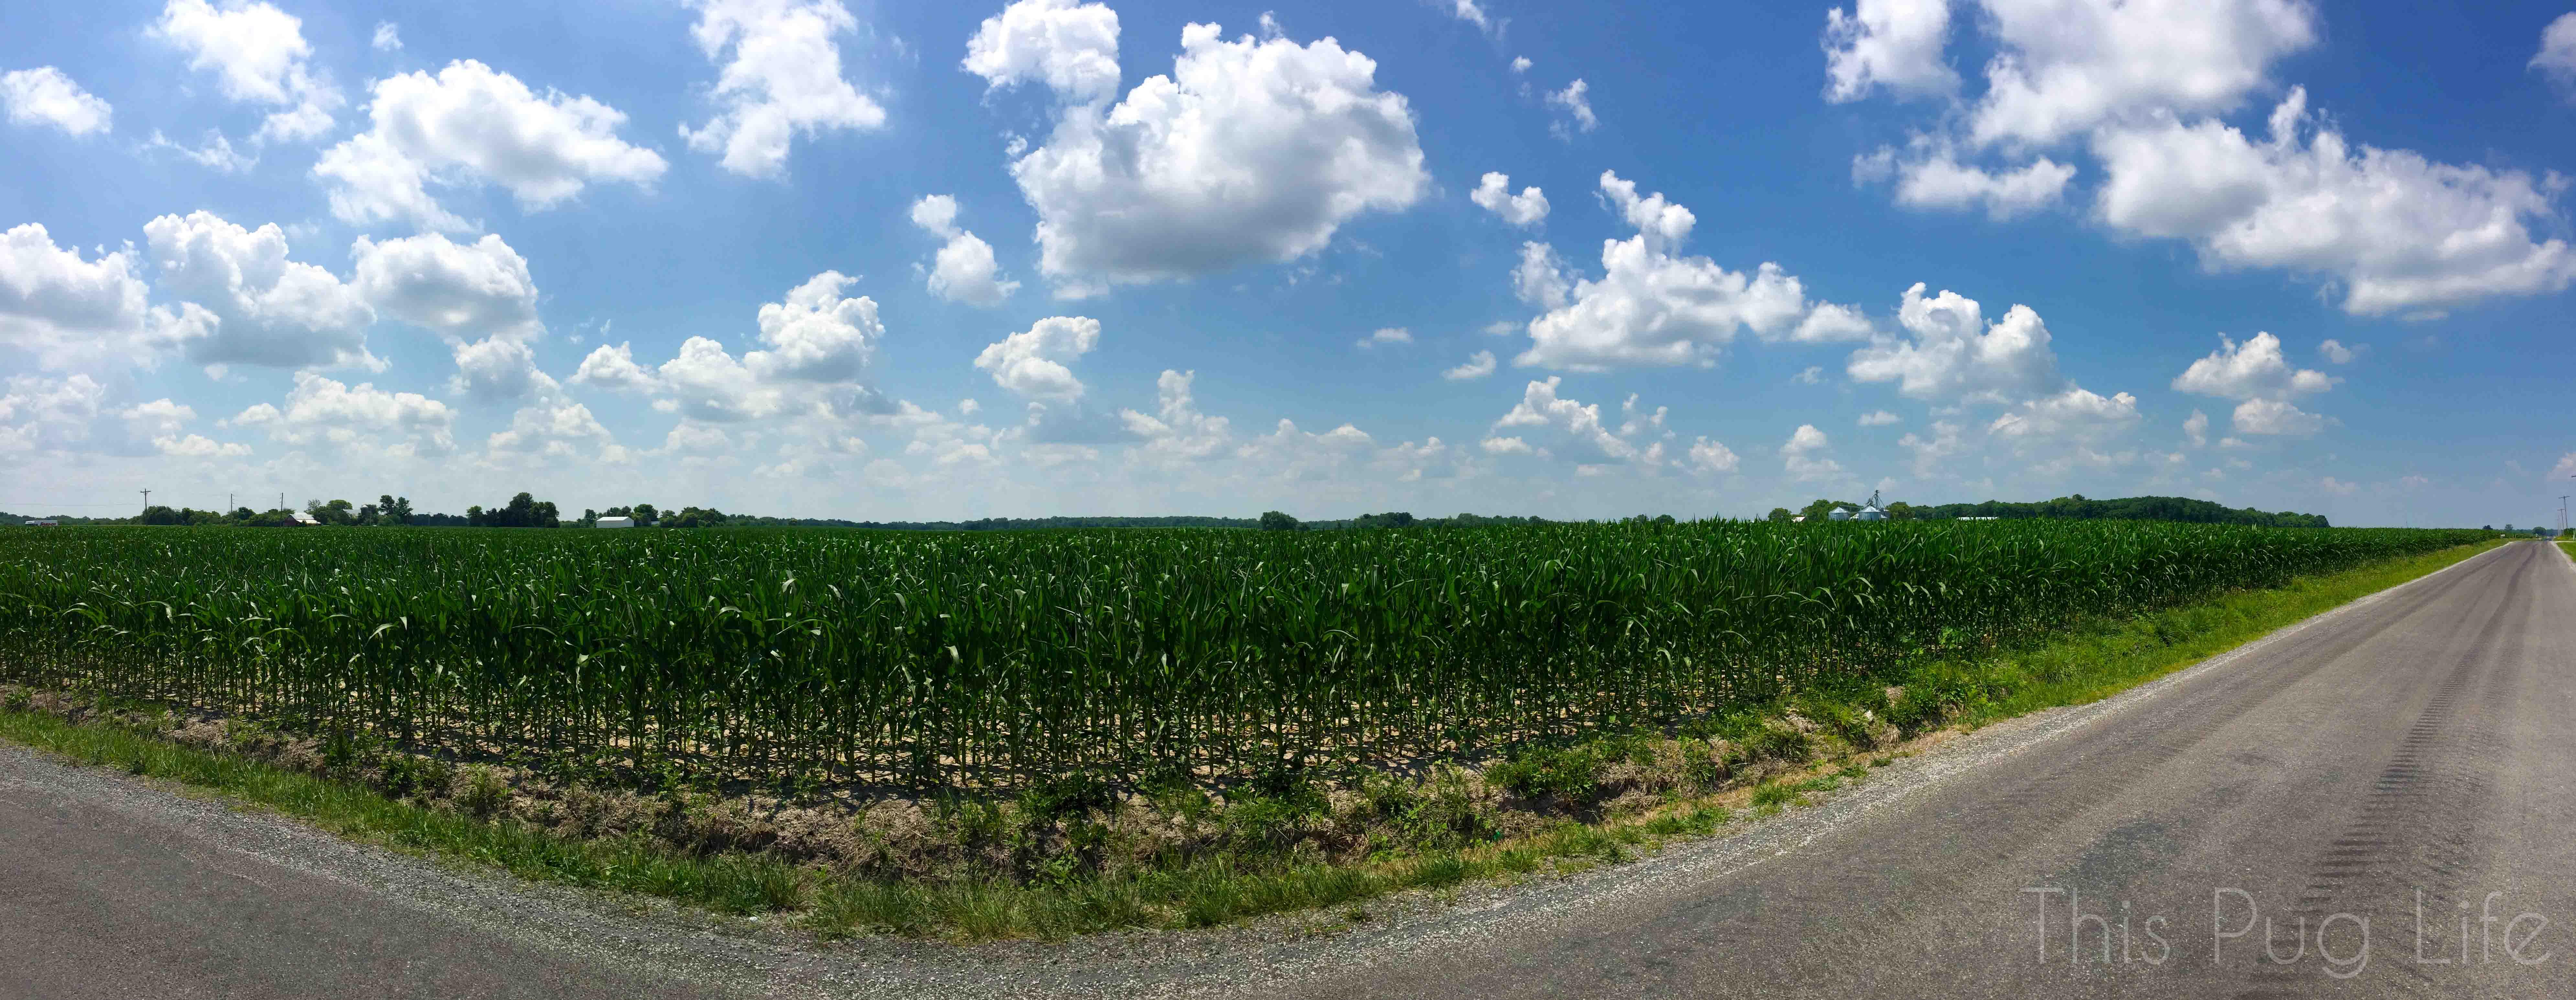 Corn Field Sky